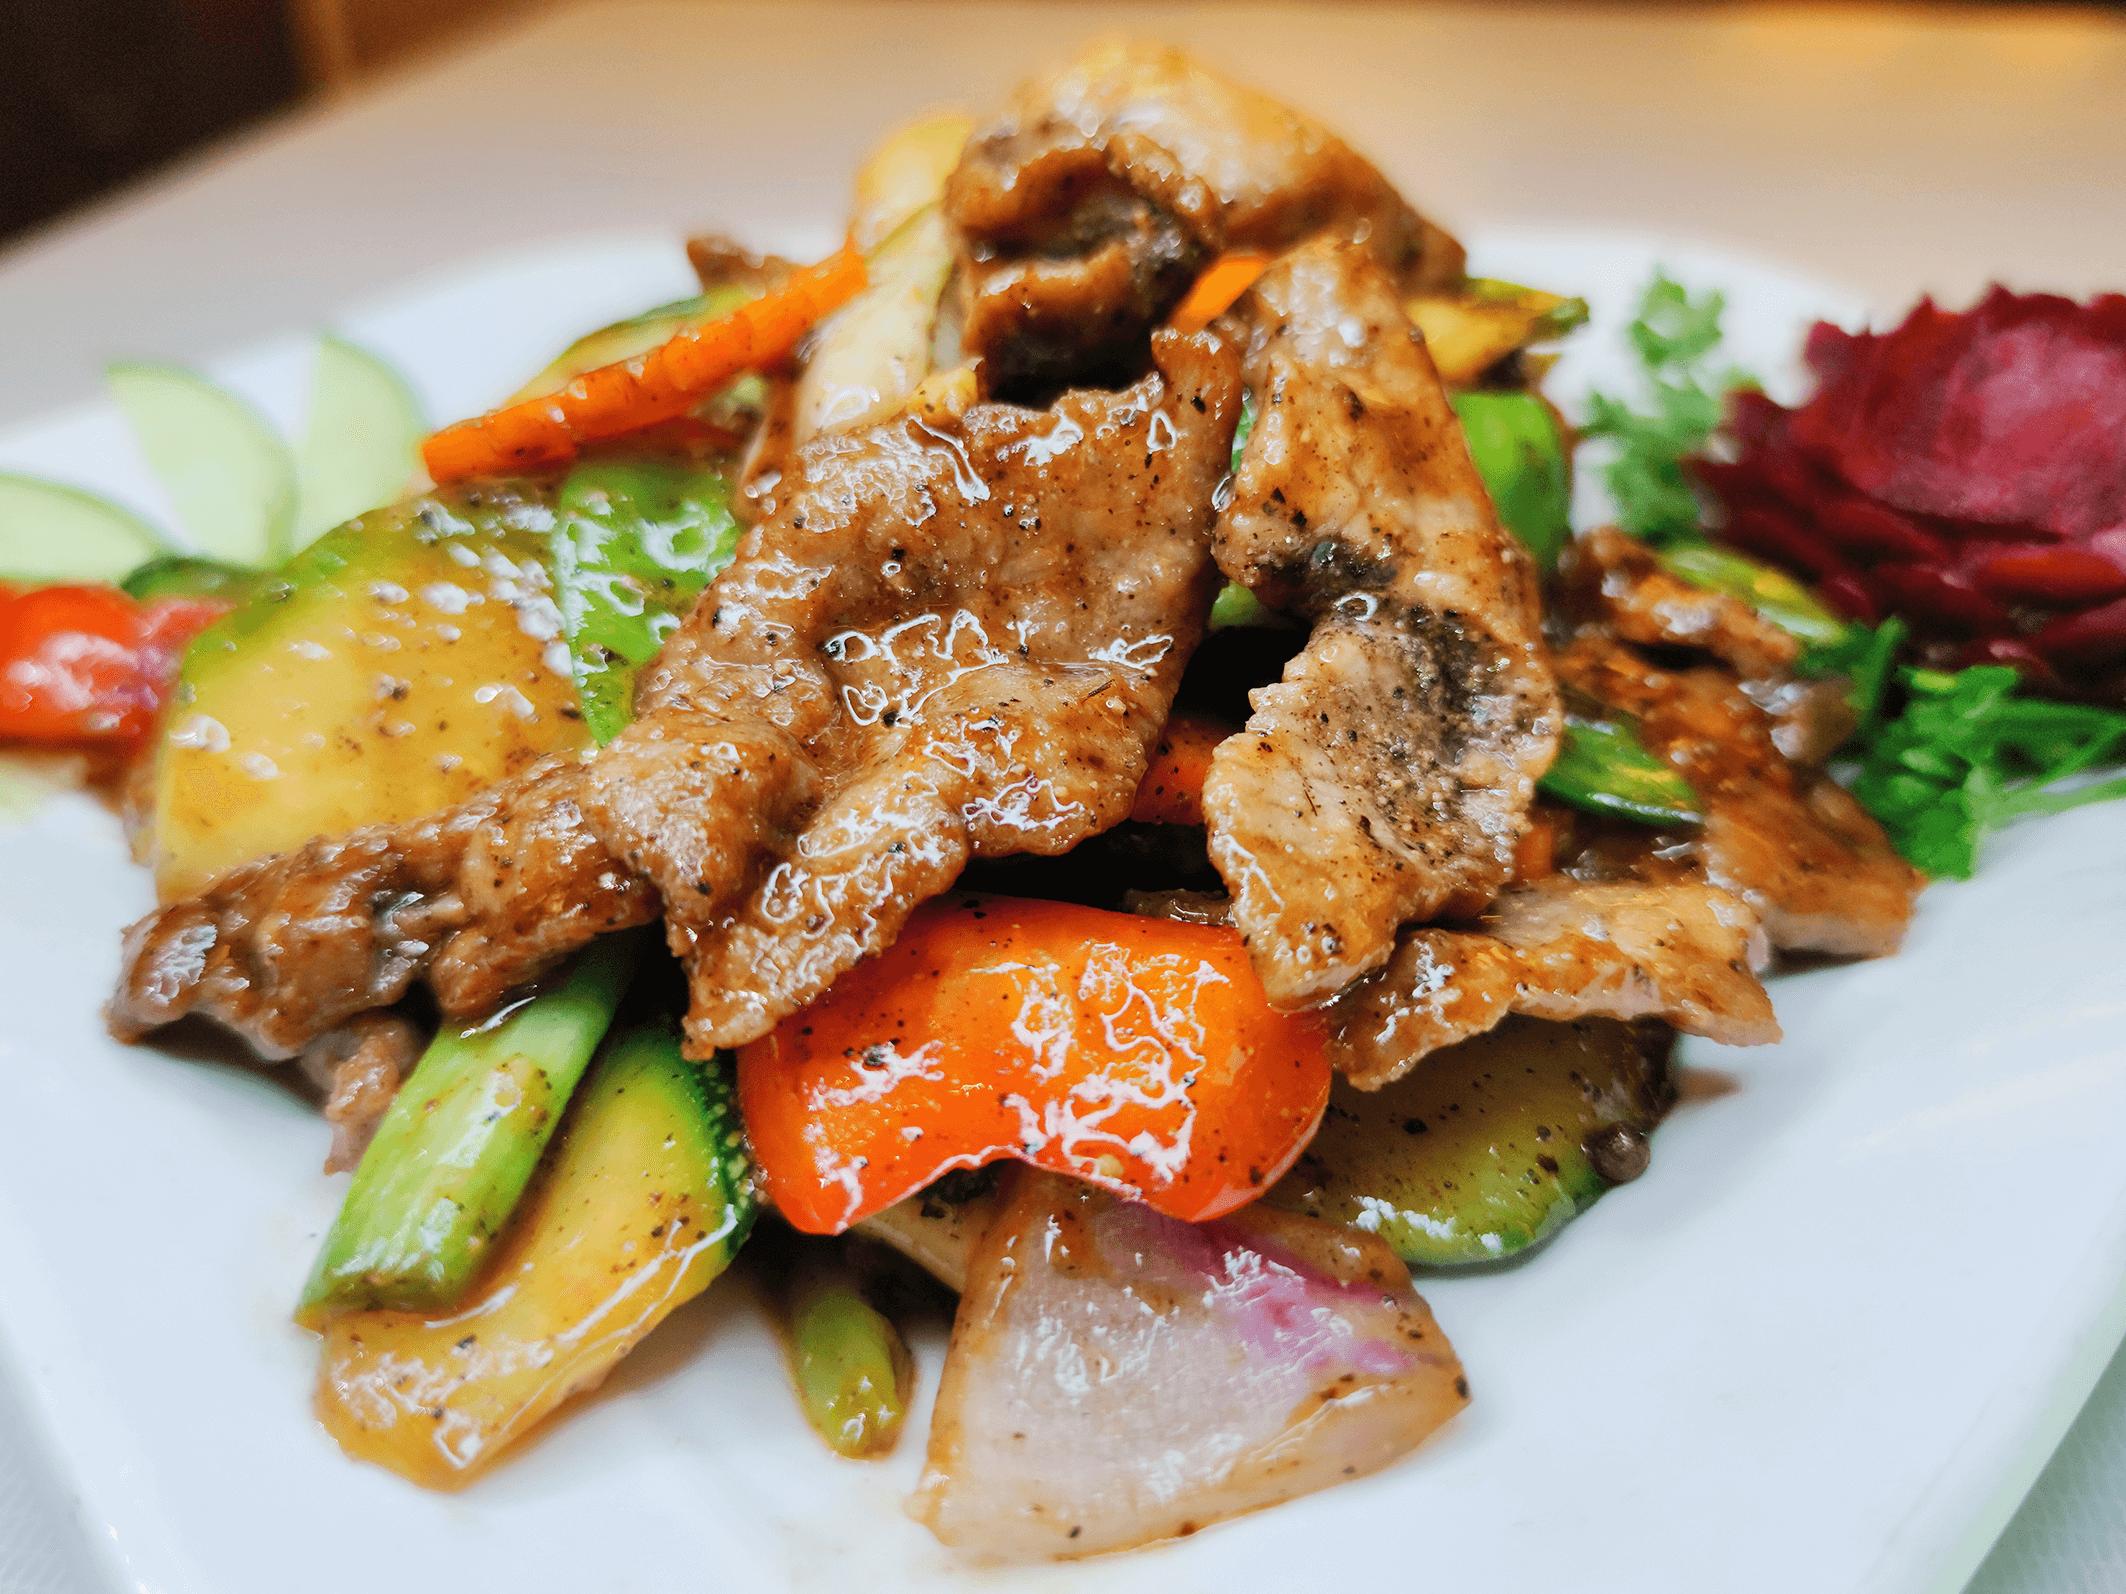 Salteado con verduras y pimienta negra.